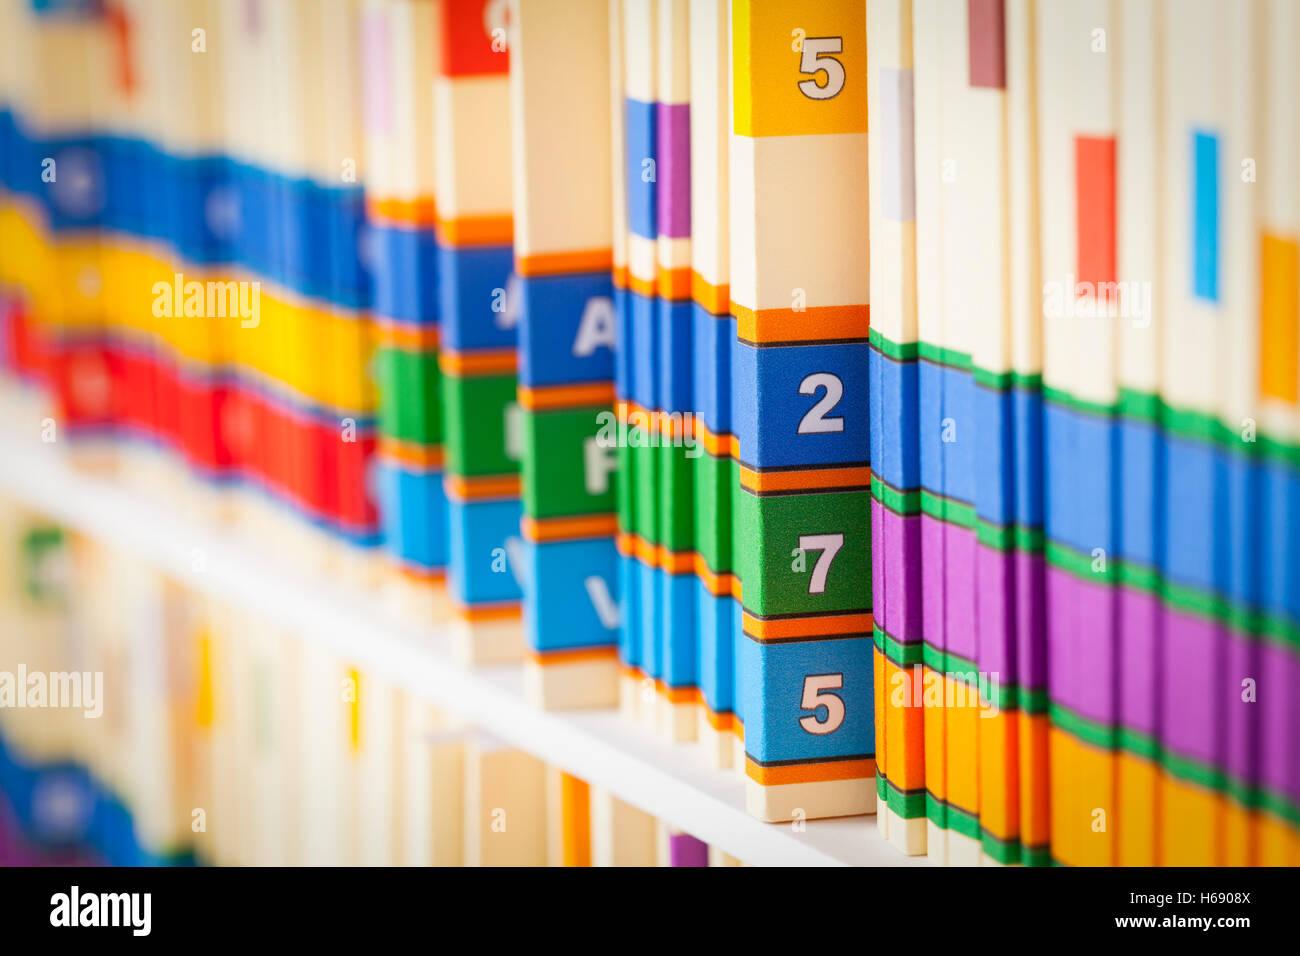 Durée des dossiers médicaux en milieu de travail. Photo Stock